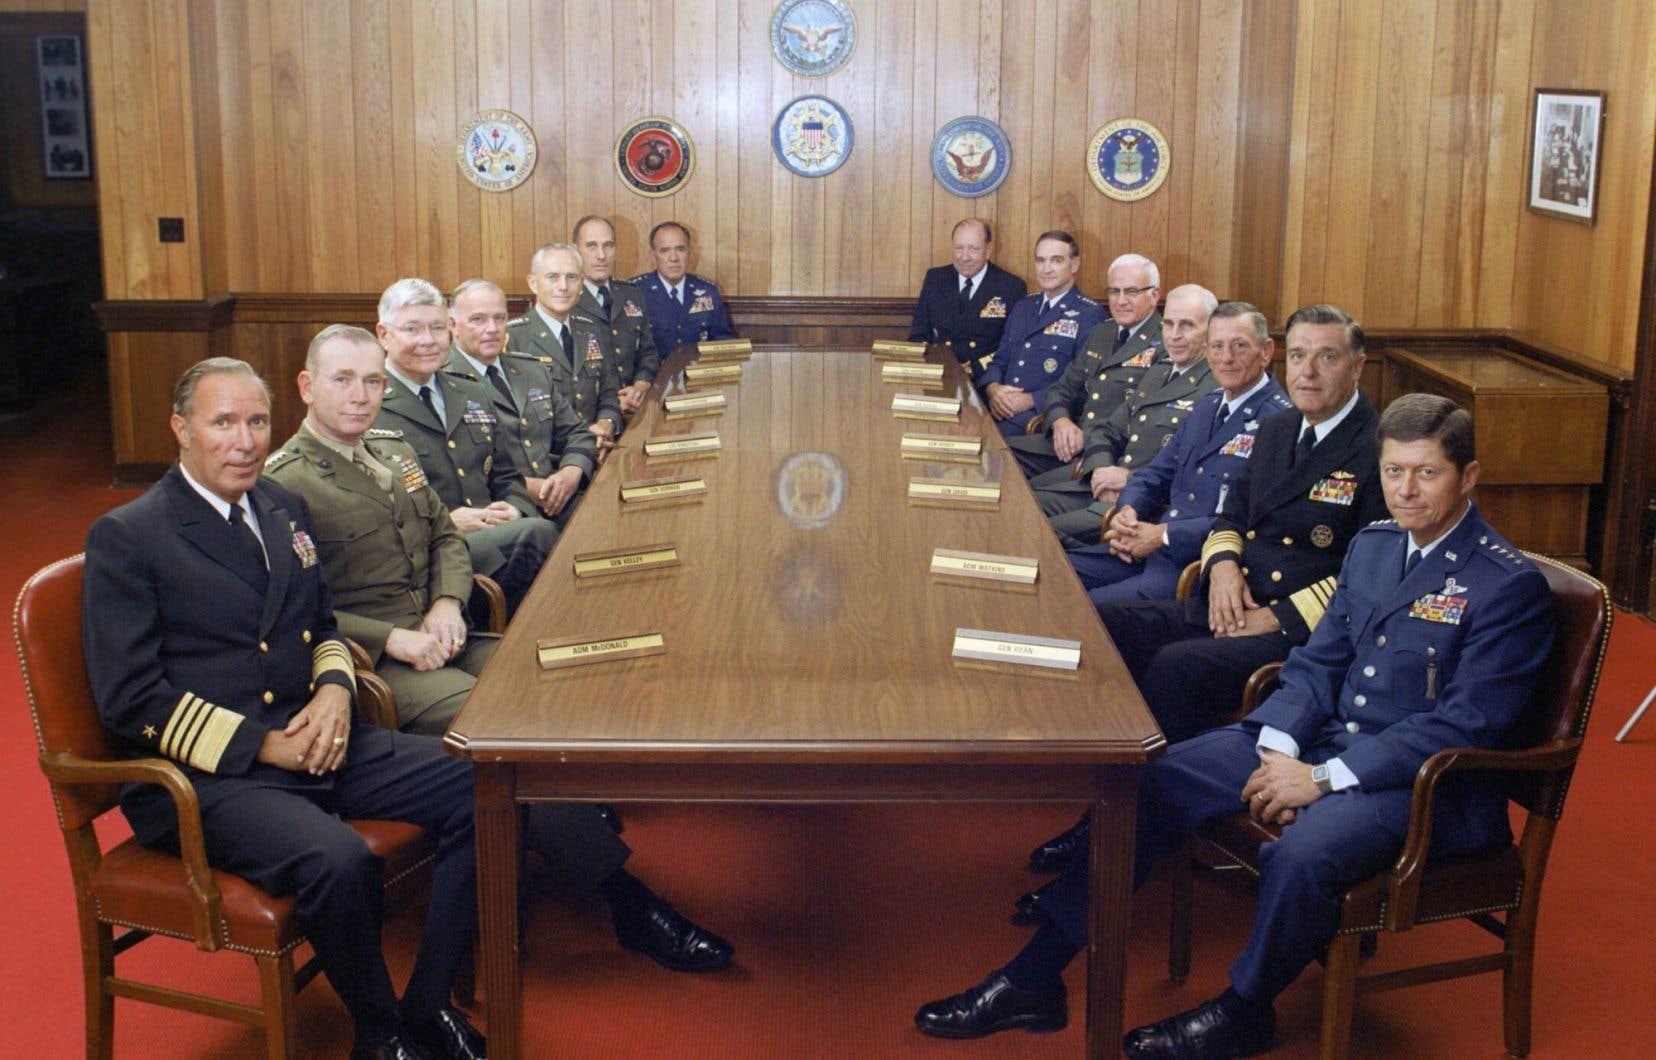 Michael Moore part du constat que la puissante armée américaine n'a remporté aucune grande bataille depuis la Deuxième Guerre mondiale…